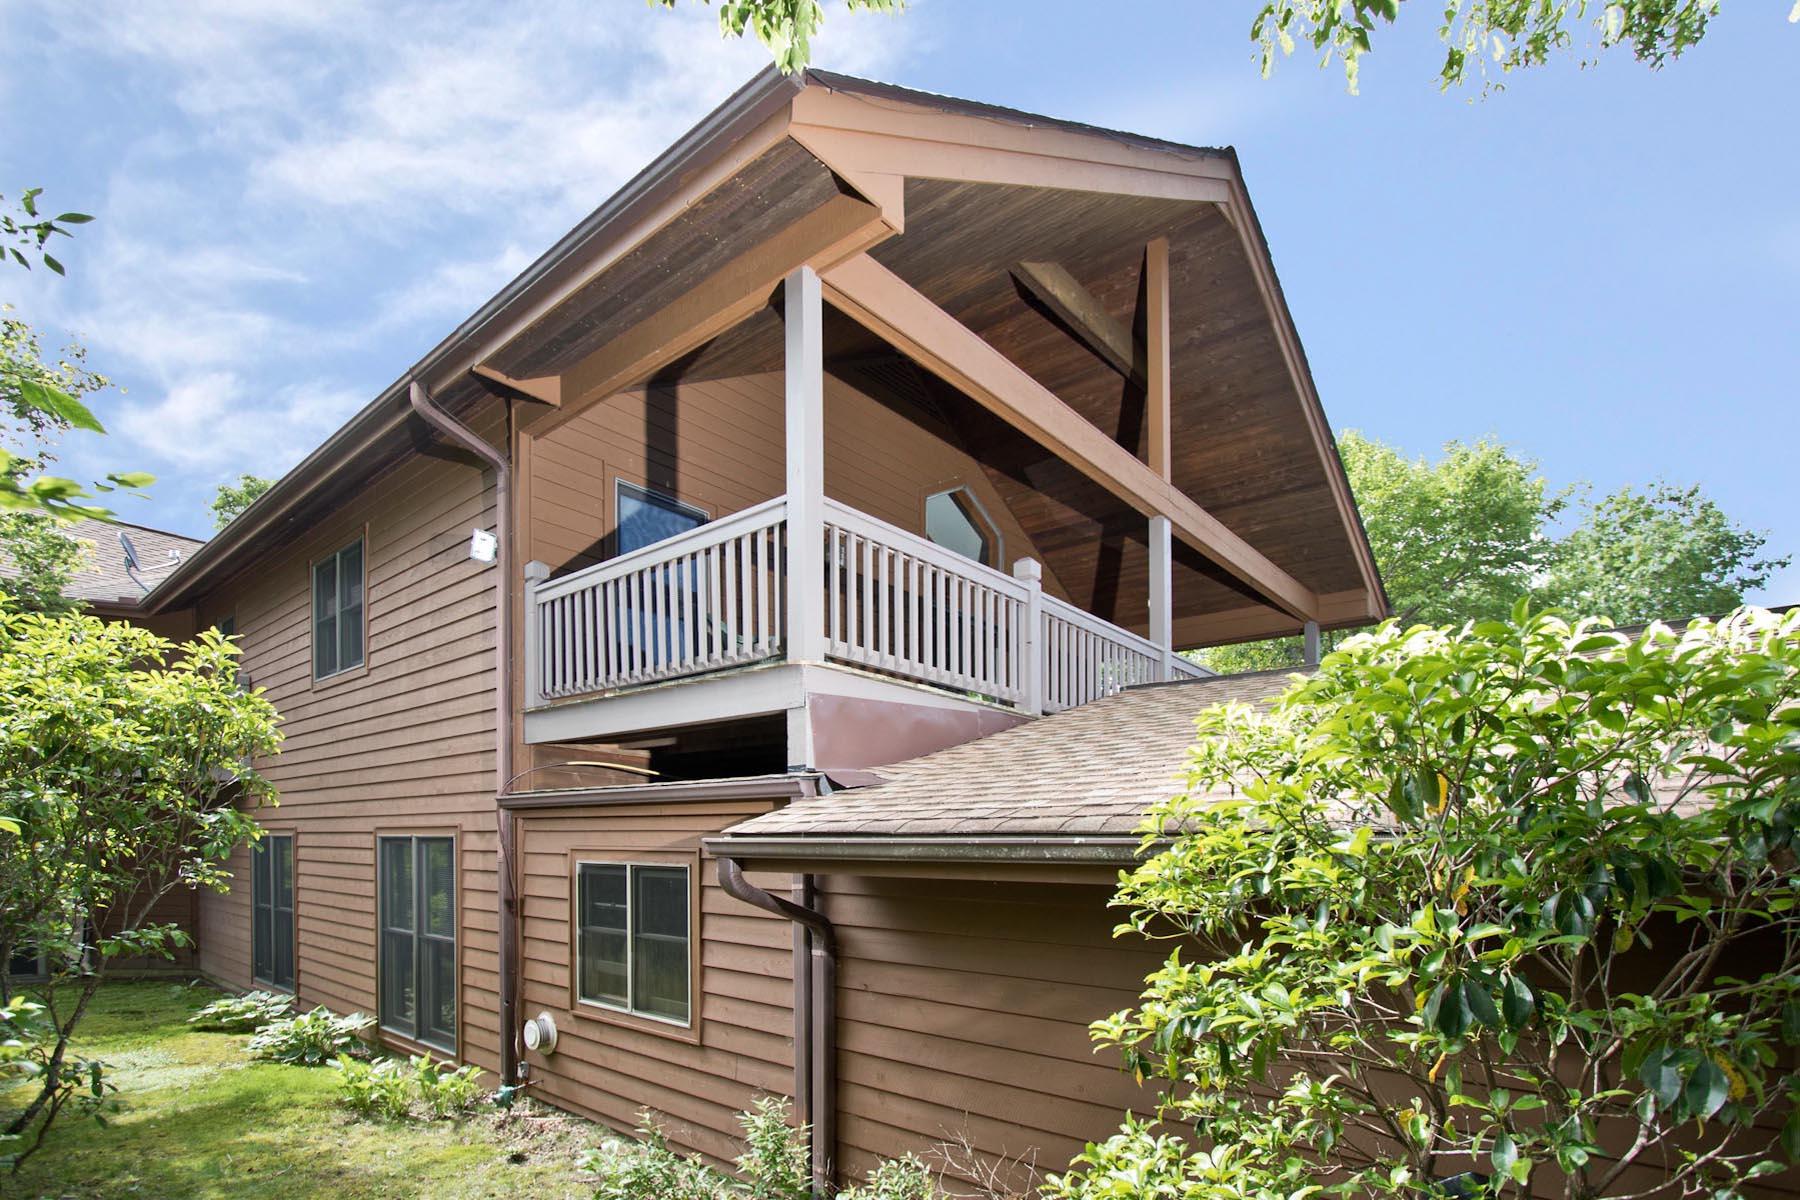 獨棟家庭住宅 為 出售 在 196 Scenic Drive 196 Scenic Drive Dillard, 喬治亞州 30537 美國